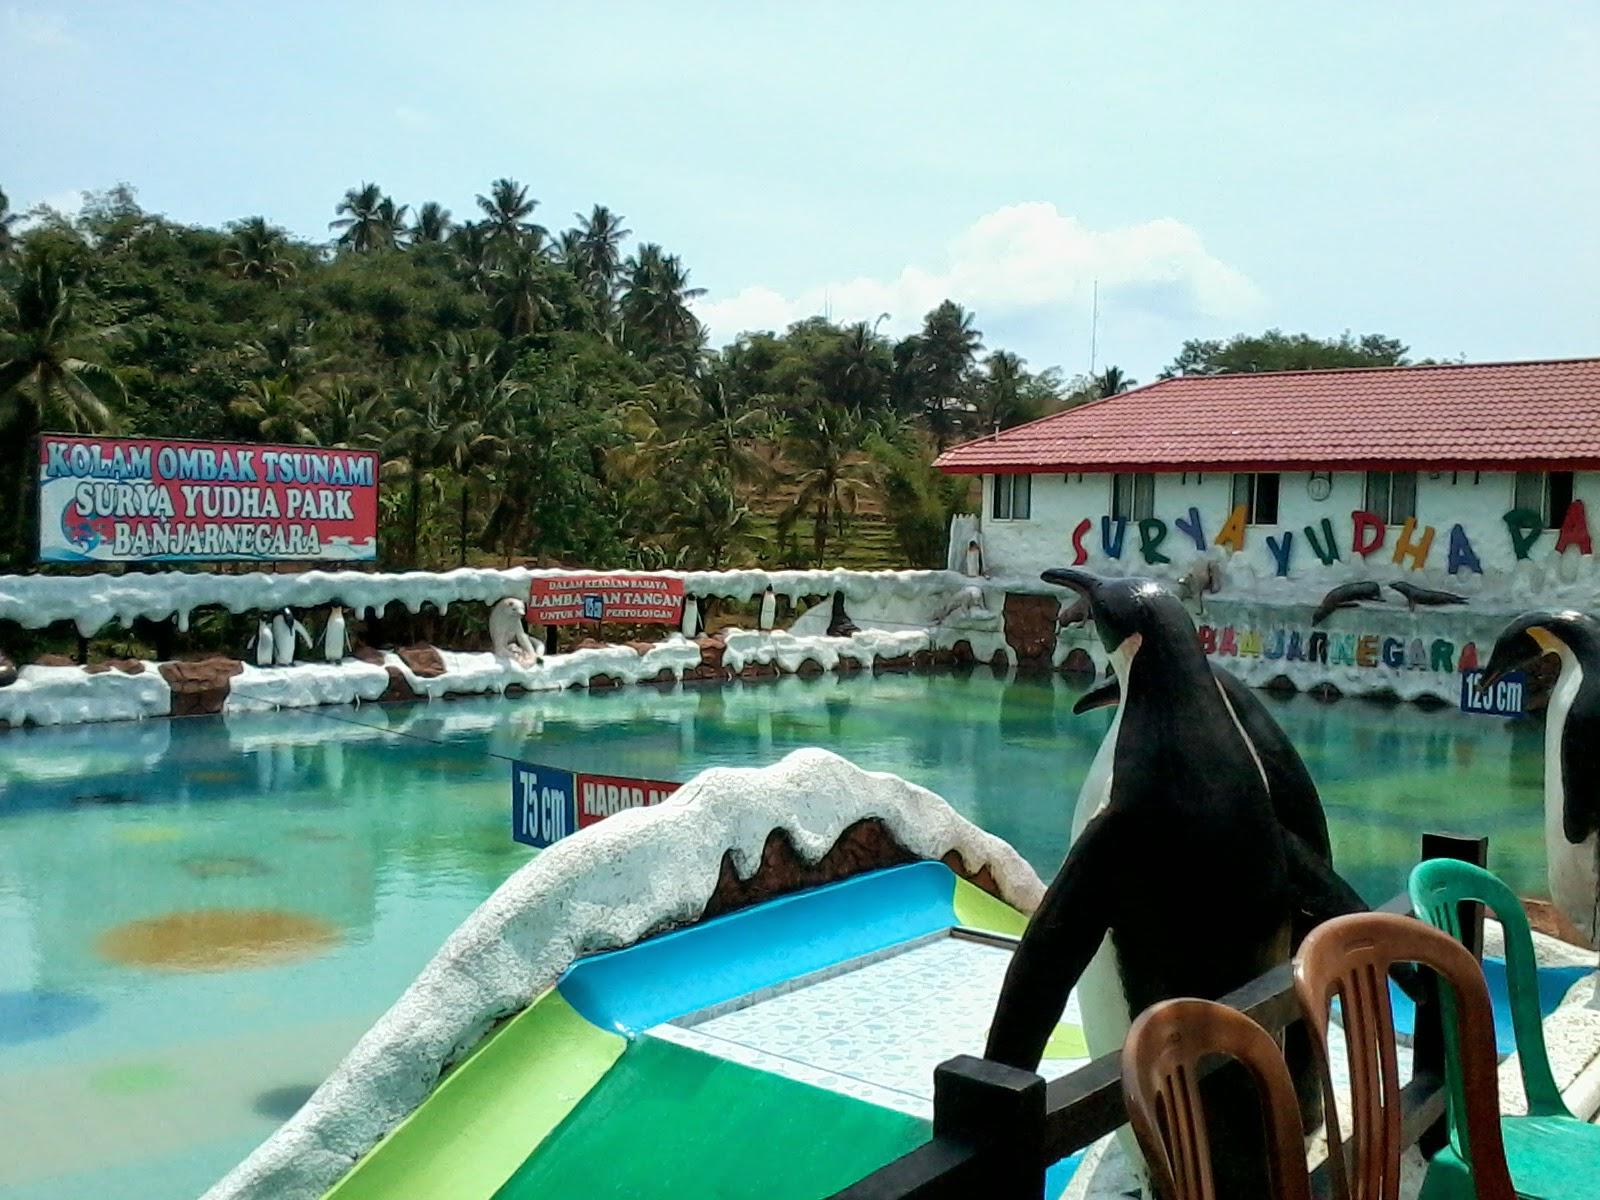 Indahnya Surya Yudha Park Banjarnegara Catatan Lepas Kolam Ombak Tsunami